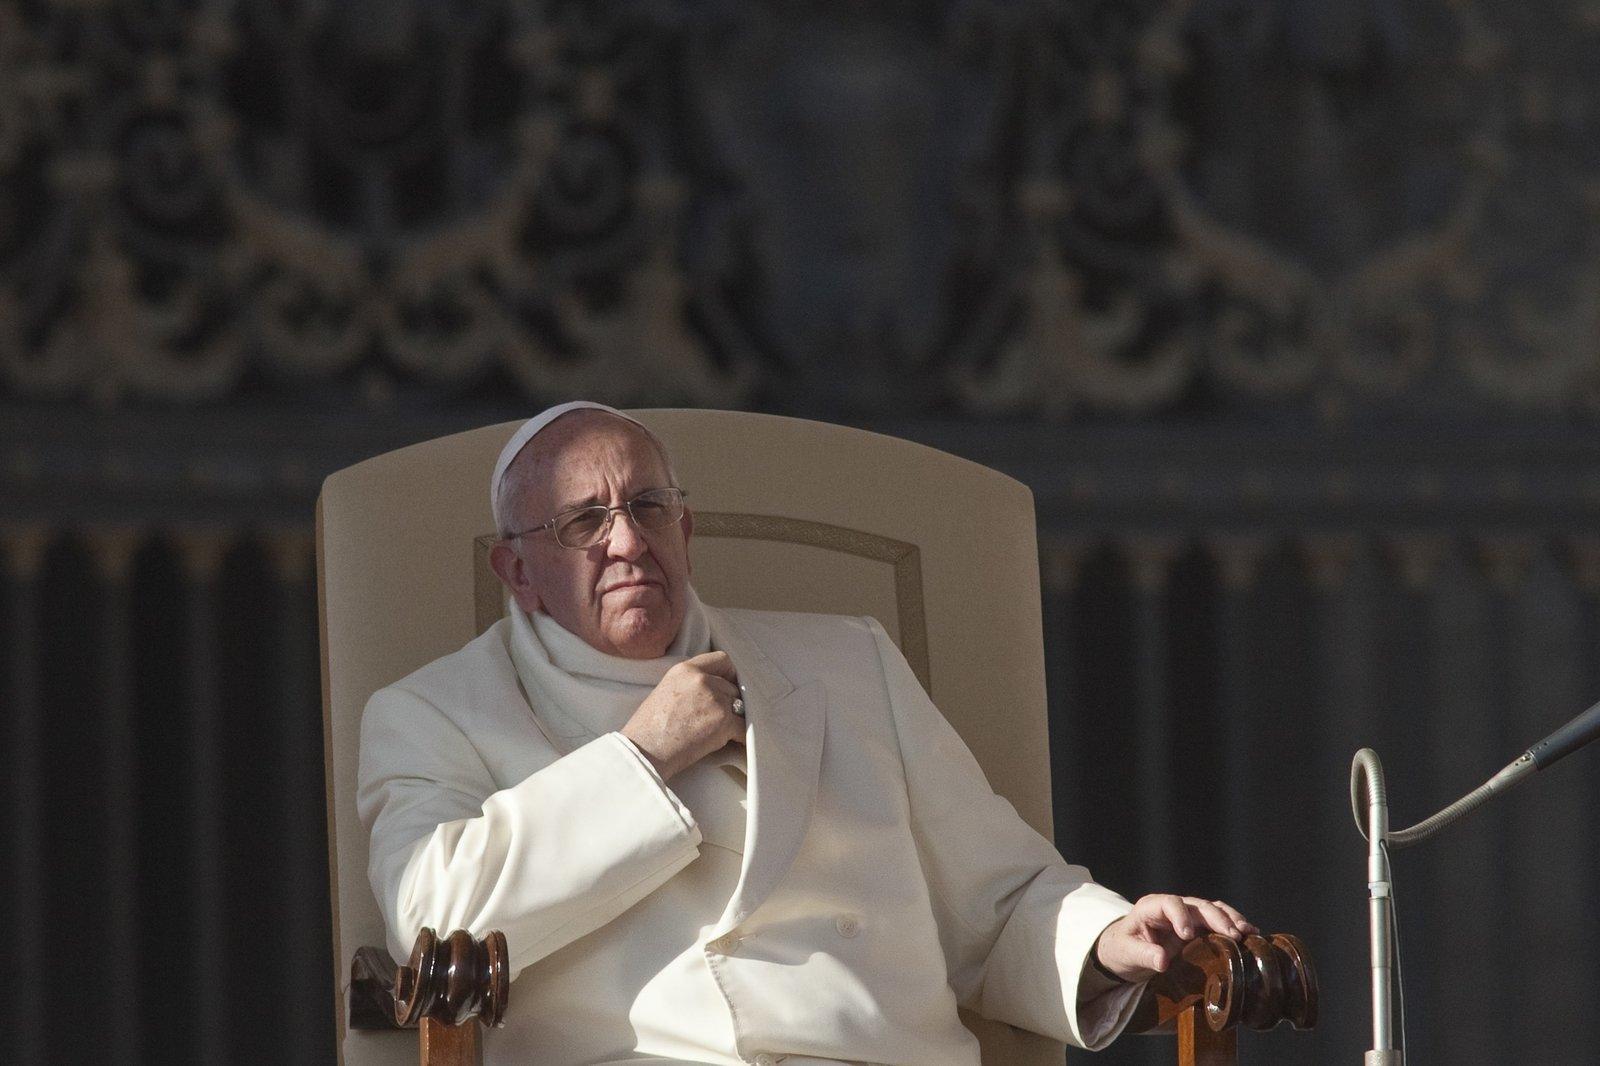 15 chorób przywództwa według papieża Franciszka